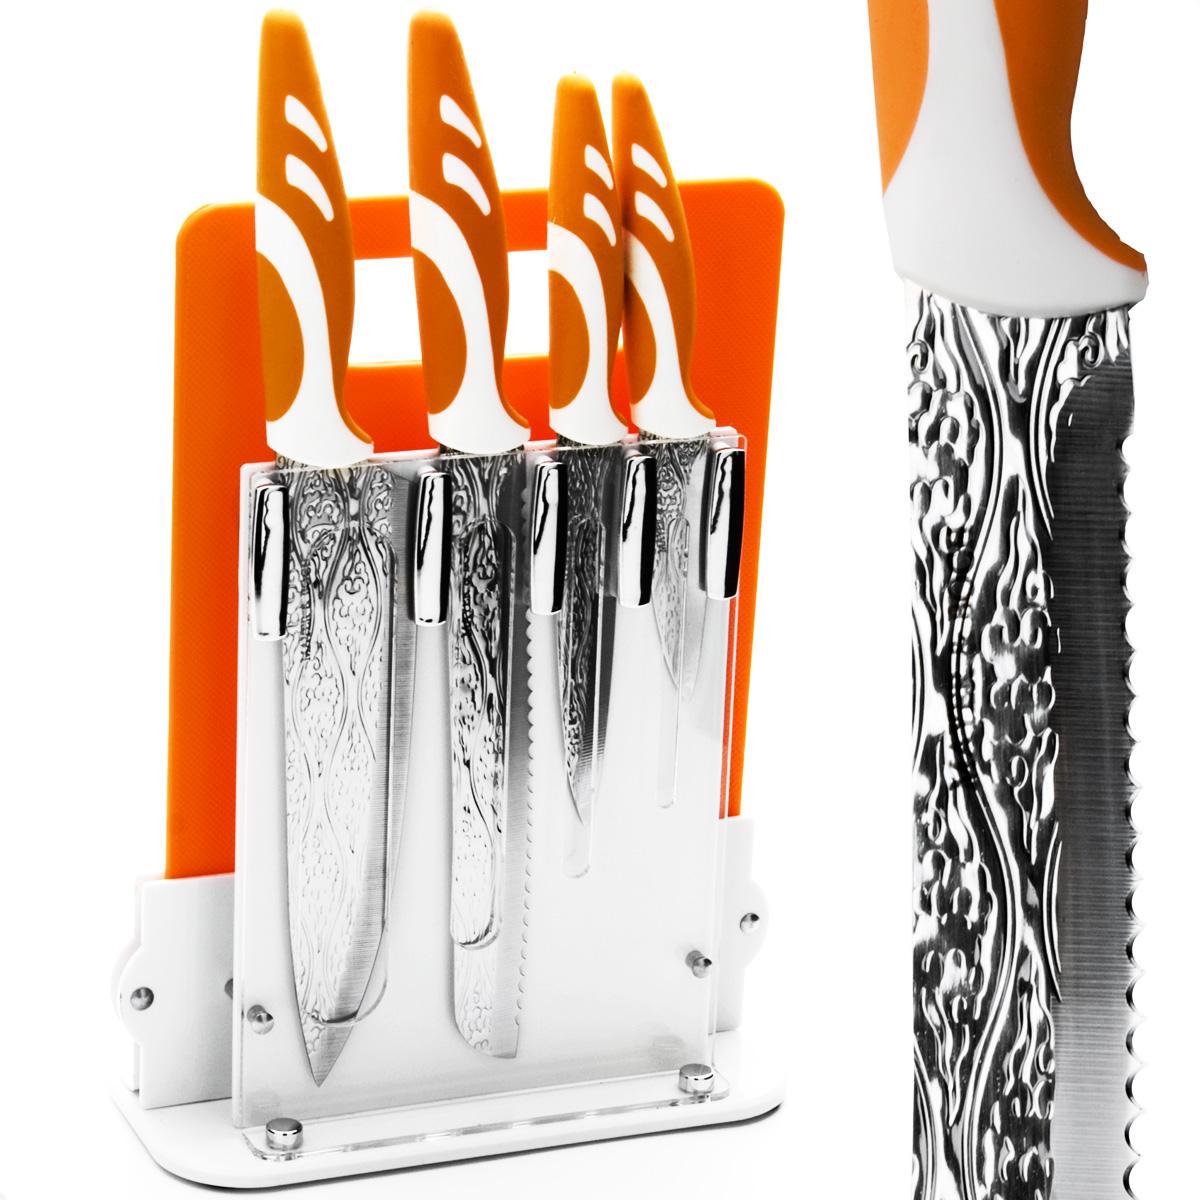 Набор ножей Mayer & Boch, 6 предметов. 2413424134Набор ножей Mayer & Boch состоит из 4 ножей (поварского, хлебного, универсального, для очистки), разделочной доски и подставки. Ножи выполнены из нержавеющей стали, ручки из полипропилена и каучука. Удобная акриловая подставка поможет хранить ножи в одном месте. Разделочная доска изготовлена из полипропилена и прекрасно подойдет для резки любых продуктов. Оригинальный набор ножей великолепно украсит интерьер кухни и станет замечательным помощником. Можно мыть в посудомоечной машине. Длина лезвия поварского ножа: 20,3 см. Общая длина поварского ножа: 33 см. Длина лезвия хлебного ножа: 20,3 см. Общая длина хлебного ножа: 33 см. Длина лезвия универсального ножа: 12,7 см. Общая длина универсального ножа: 24 см. Длина лезвия ножа для очистки: 8,9 см. Общая длина ножа для очистки: 20 см. Размер подставки (ДхШхВ): 21 см х 9 см х 22 см. Размер разделочной доски: 28,8 см х 19 см х 0,5 см.